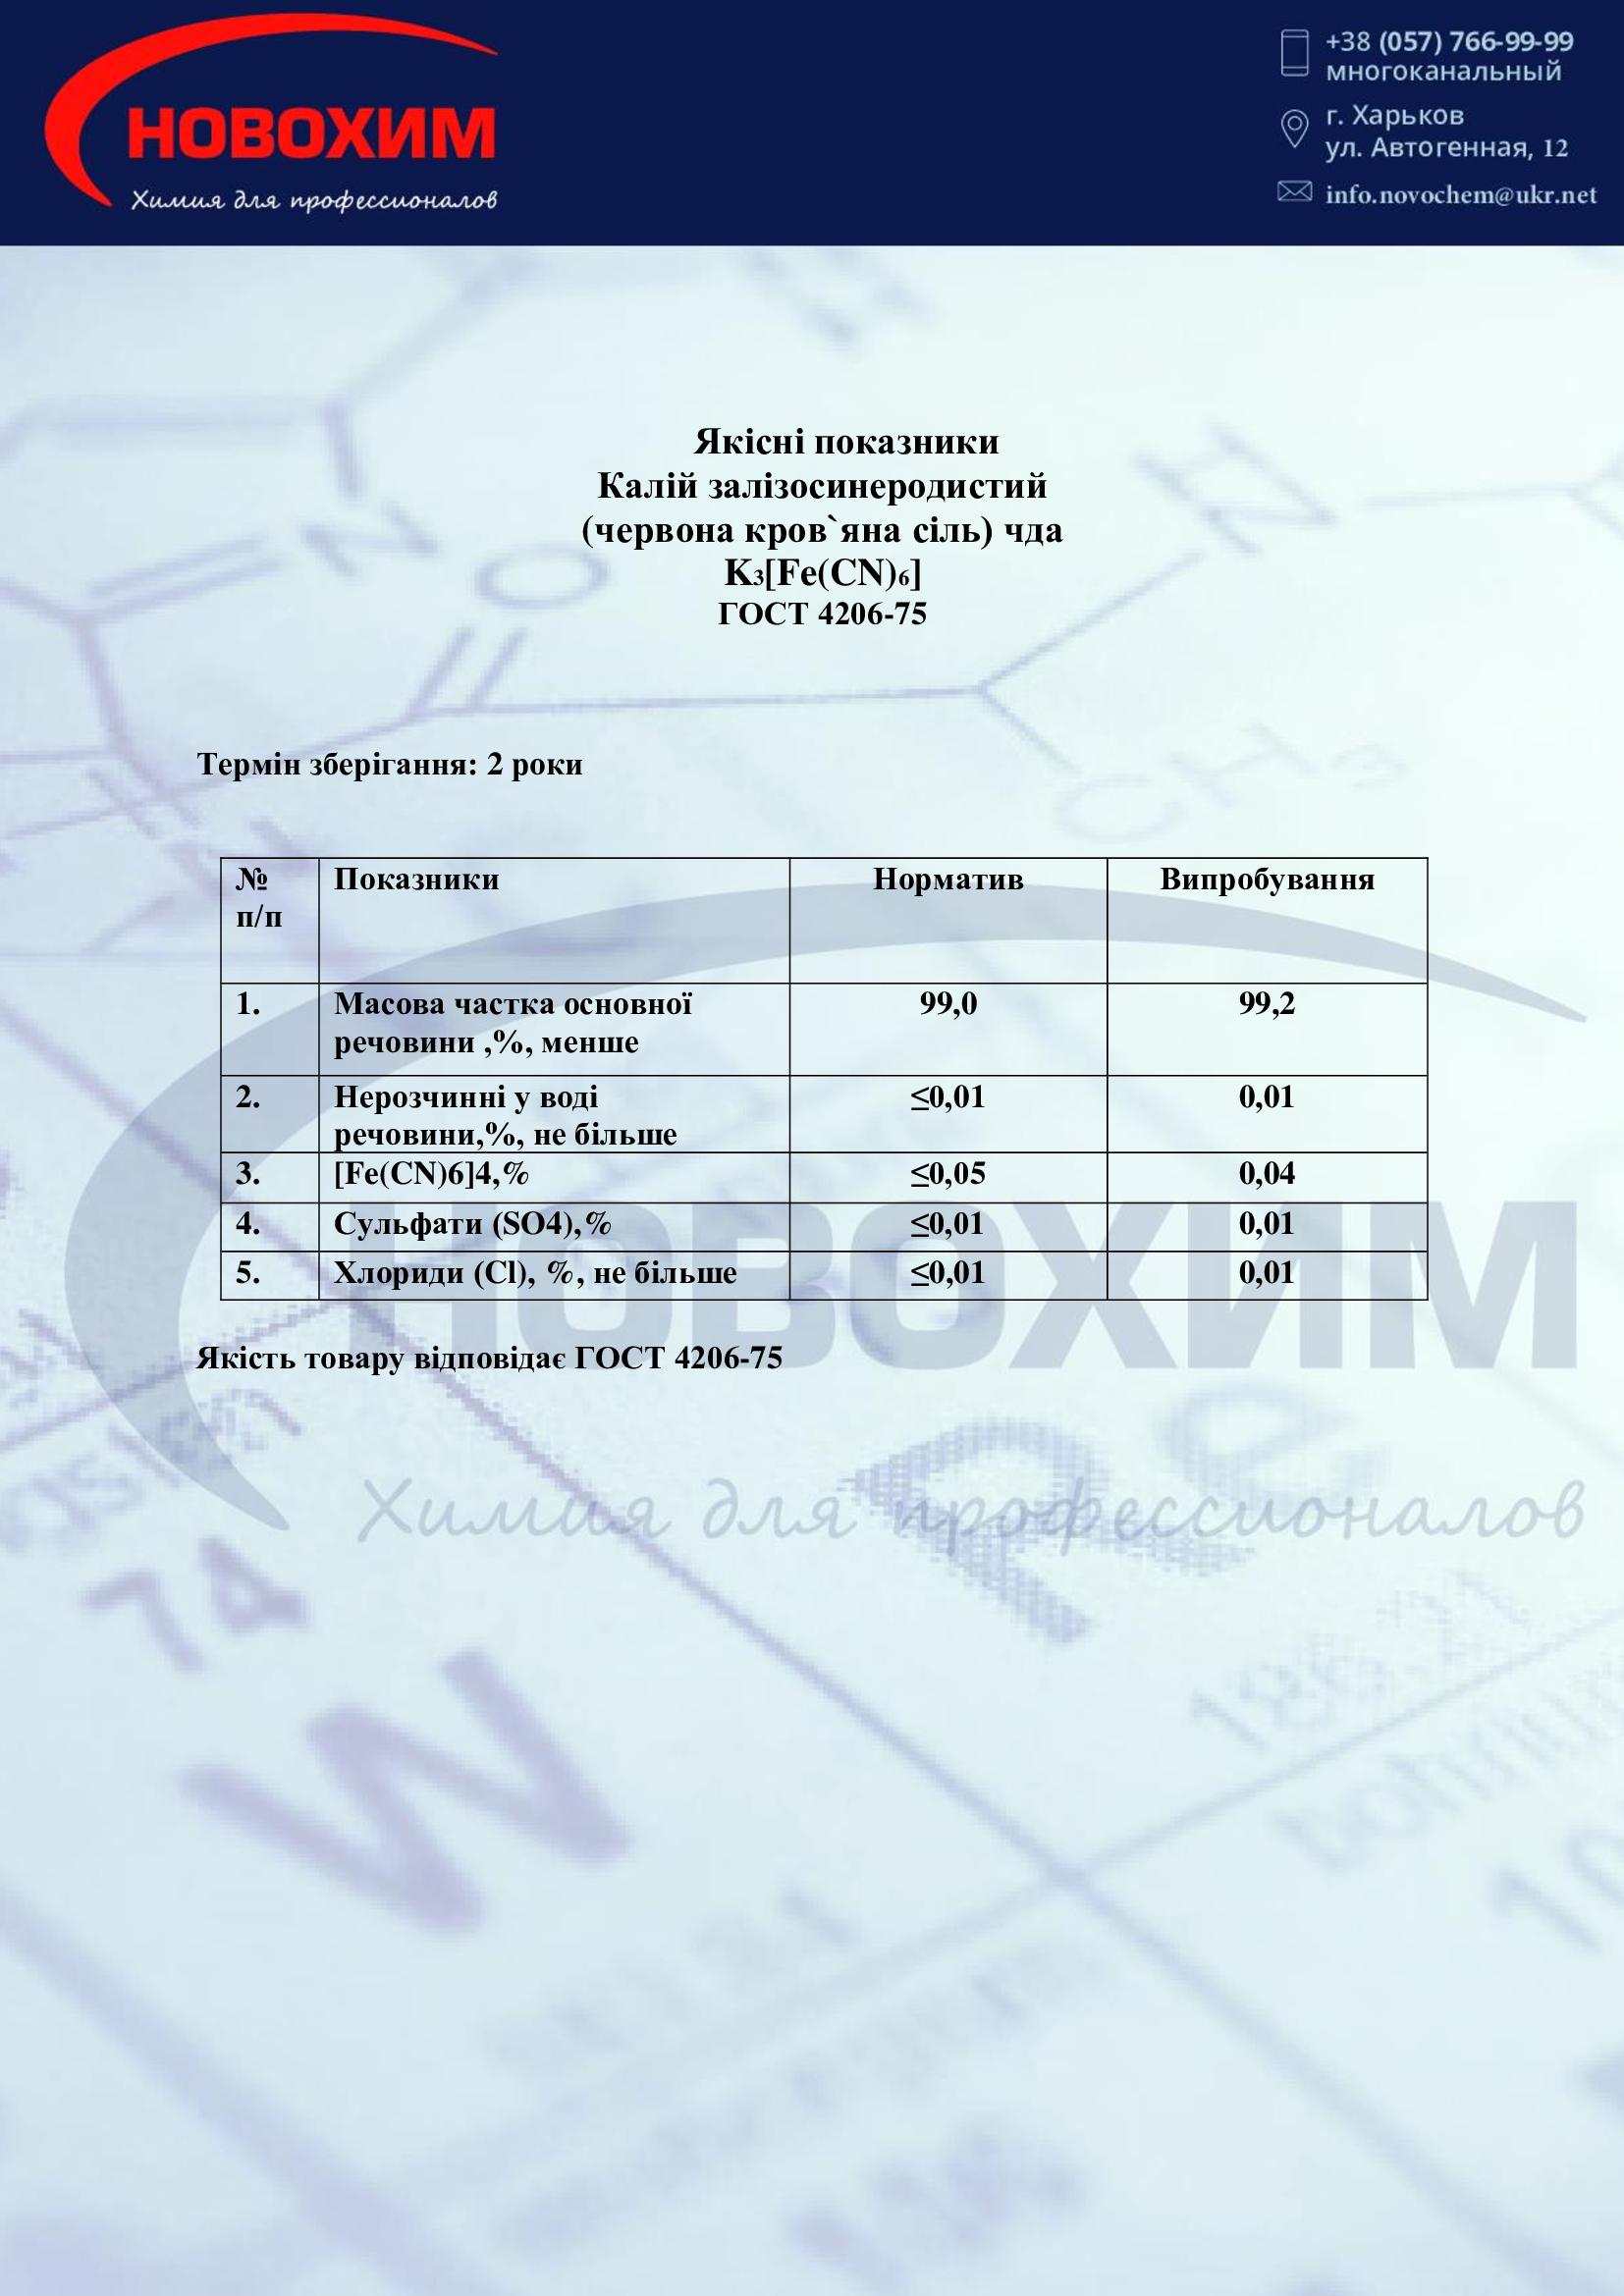 Фото сертификат калий железосинеродистый